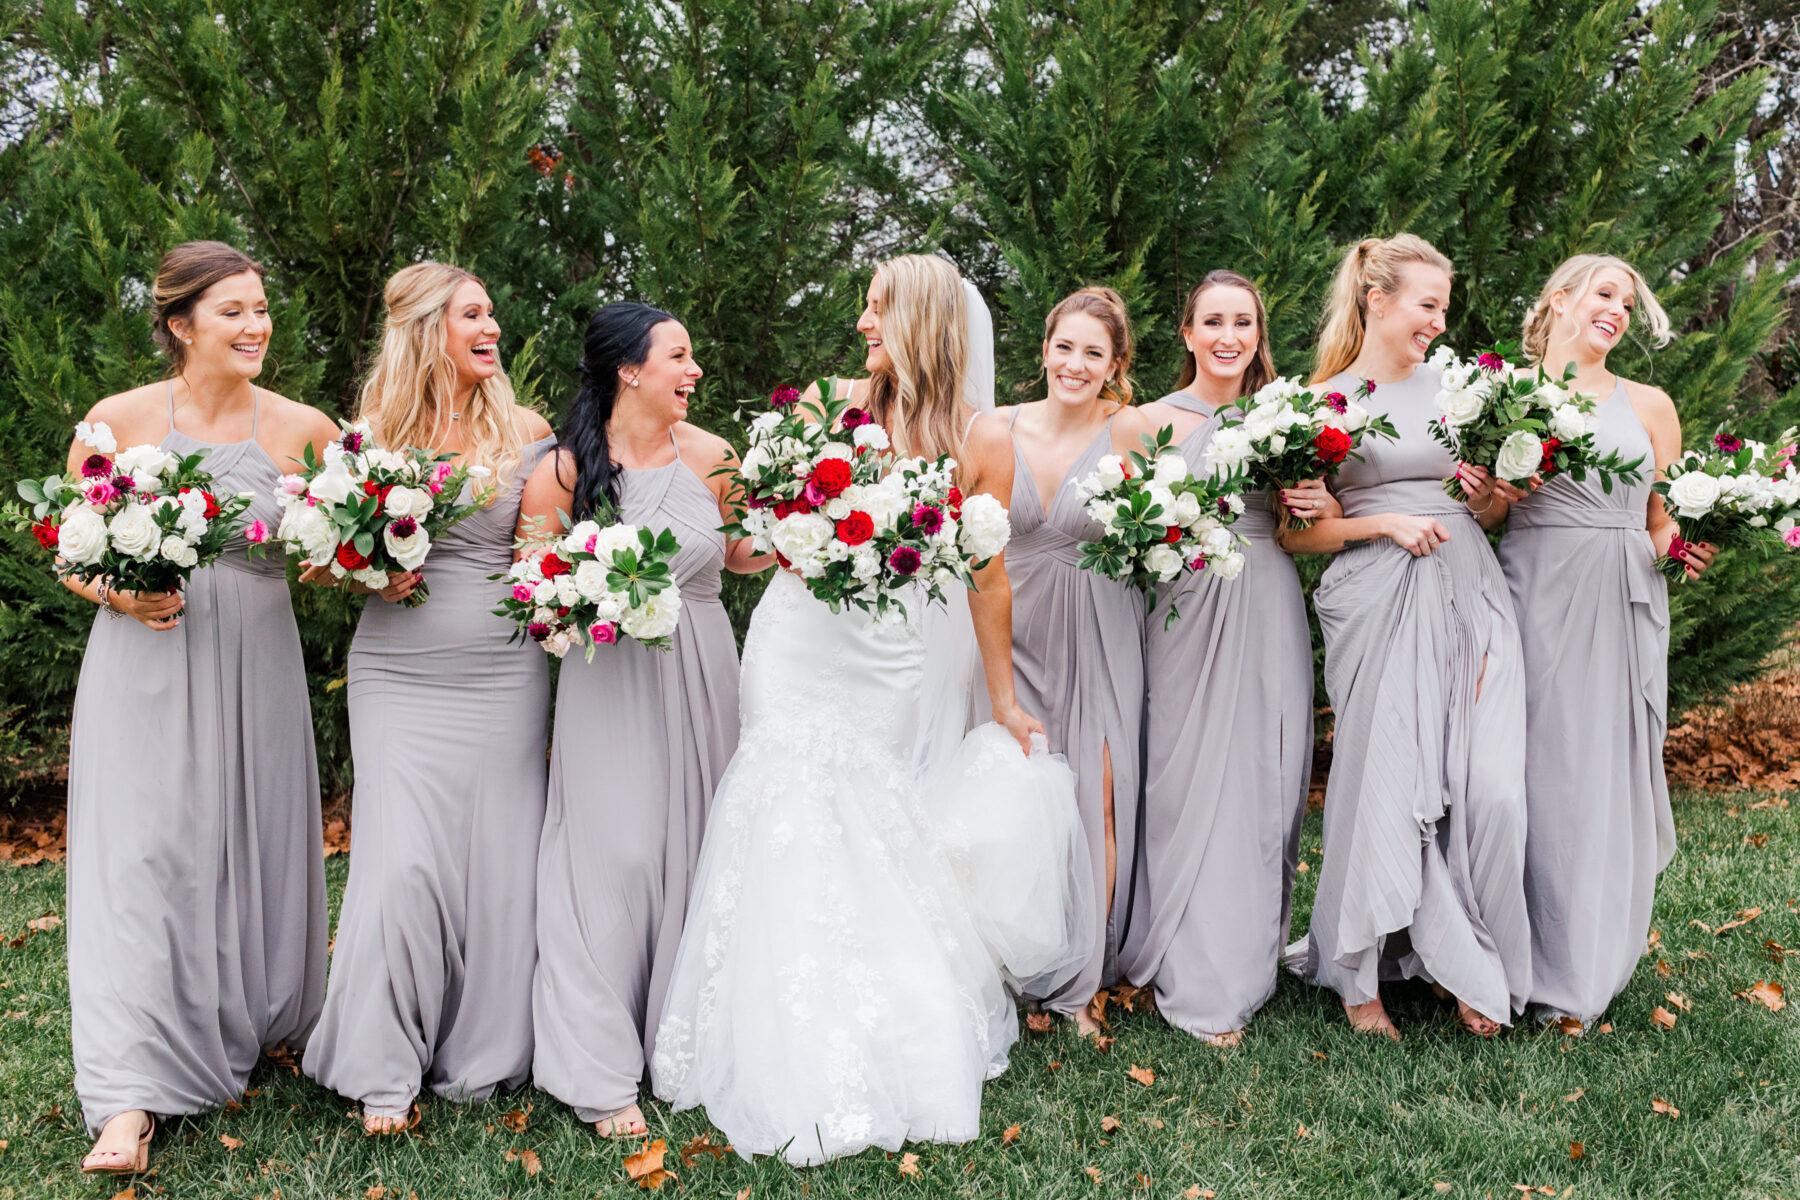 Azazie Bridesmaids Dresses   Nashville Bride Guide